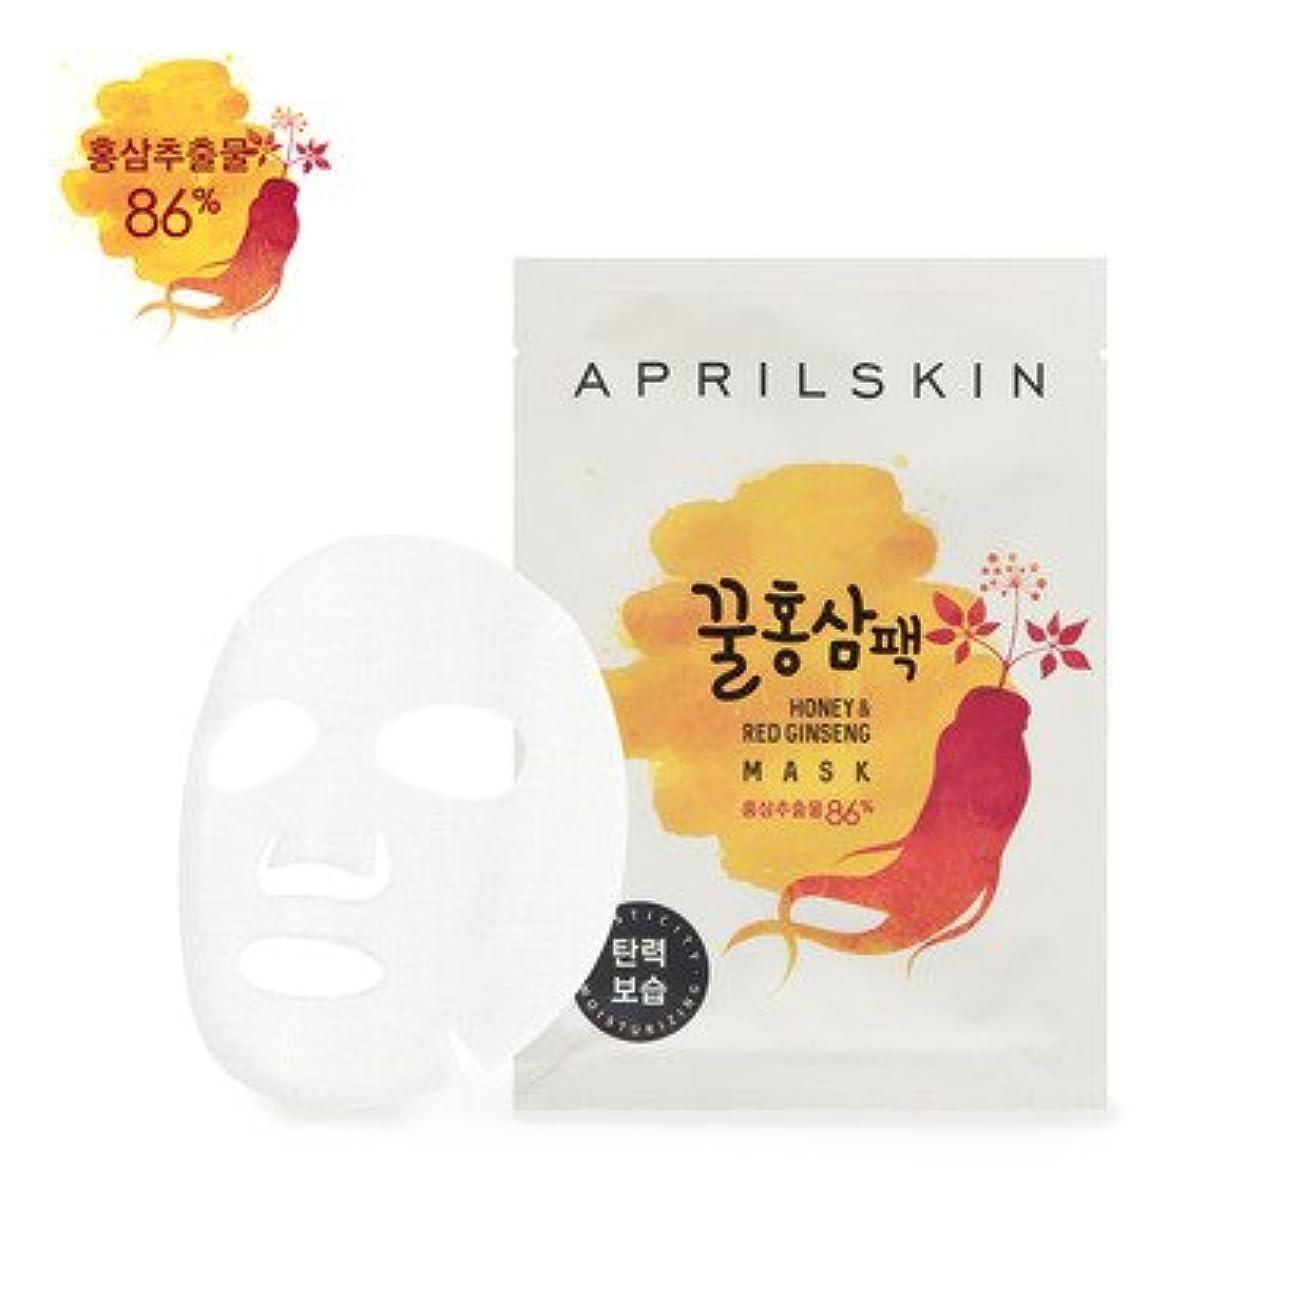 復活する略語レディAPRILSKIN Honey & Red Ginseng Mask 25g × 10EA/エイプリルスキン ハニー&紅参 マスク 25g × 10枚 [並行輸入品]